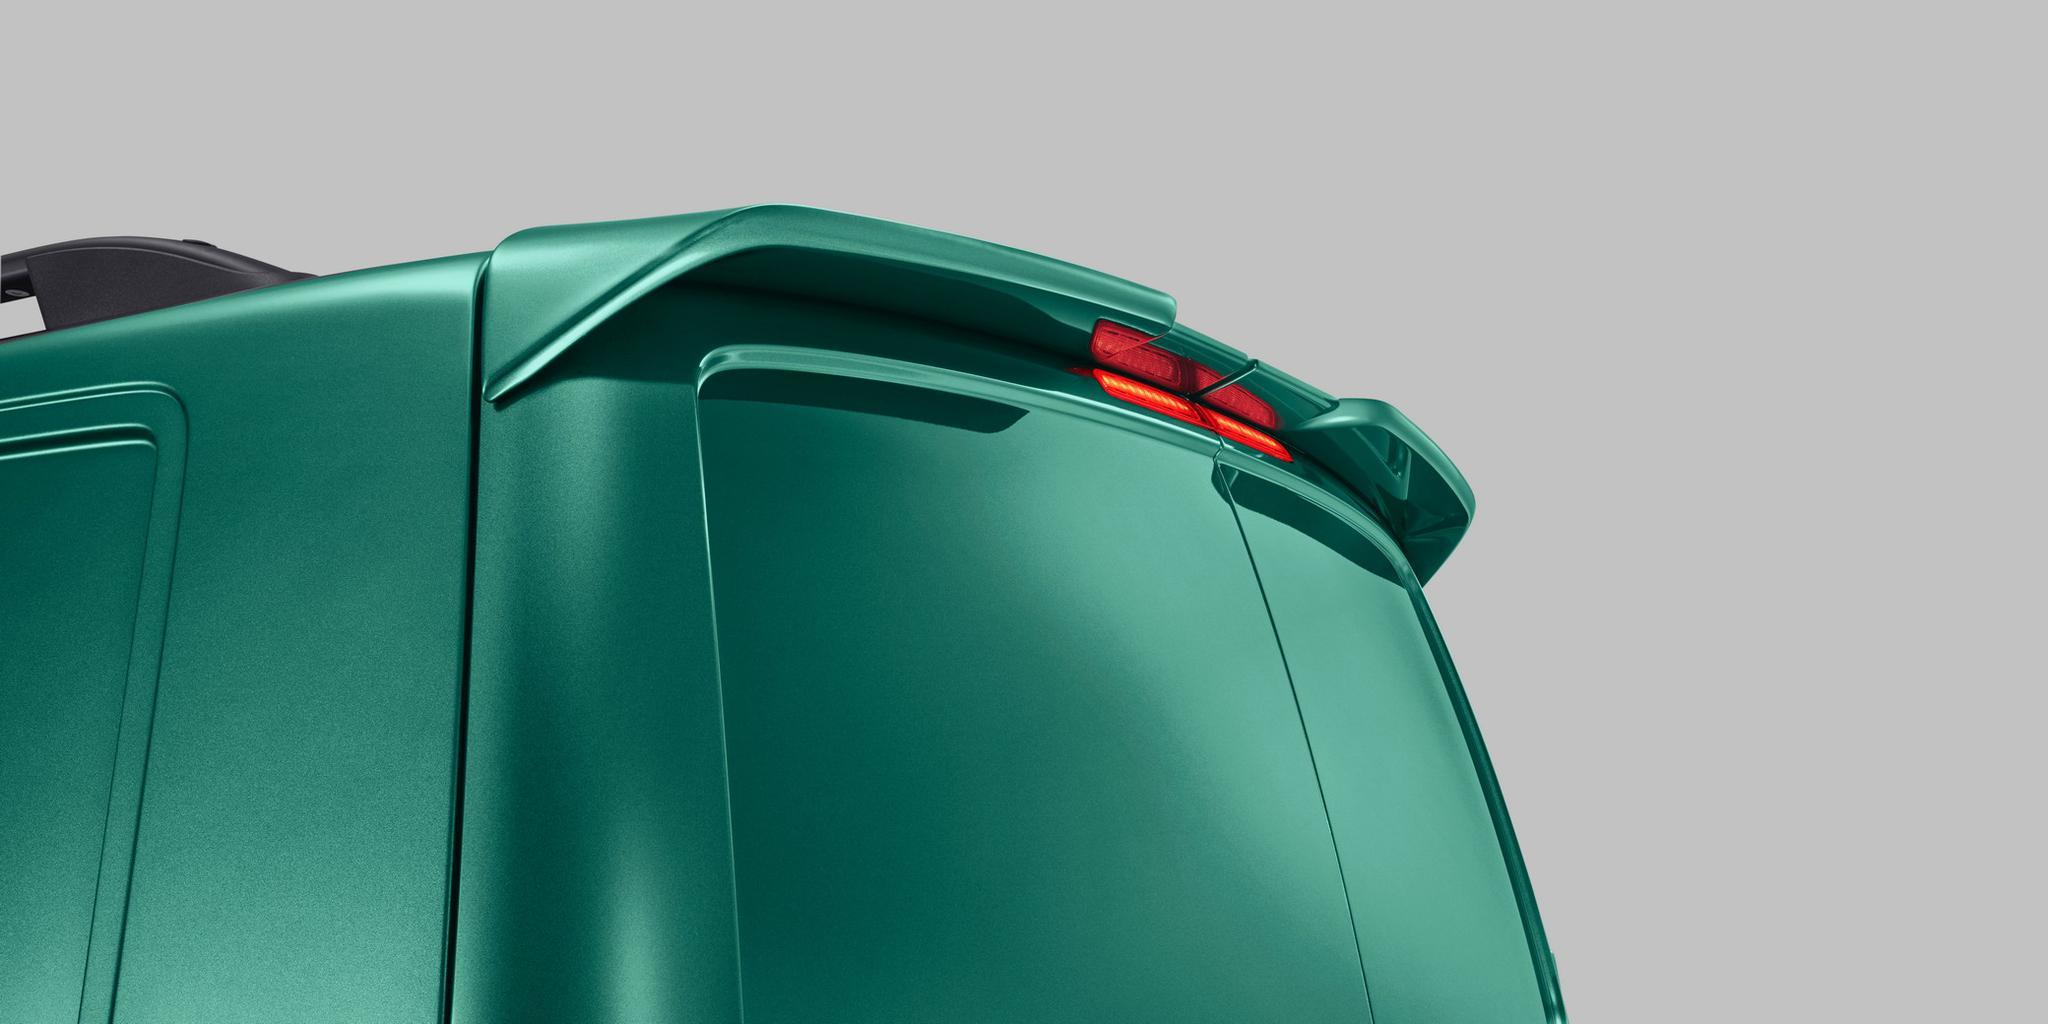 厢式车都有运动套件,大众为T6.1推出全新设计套件